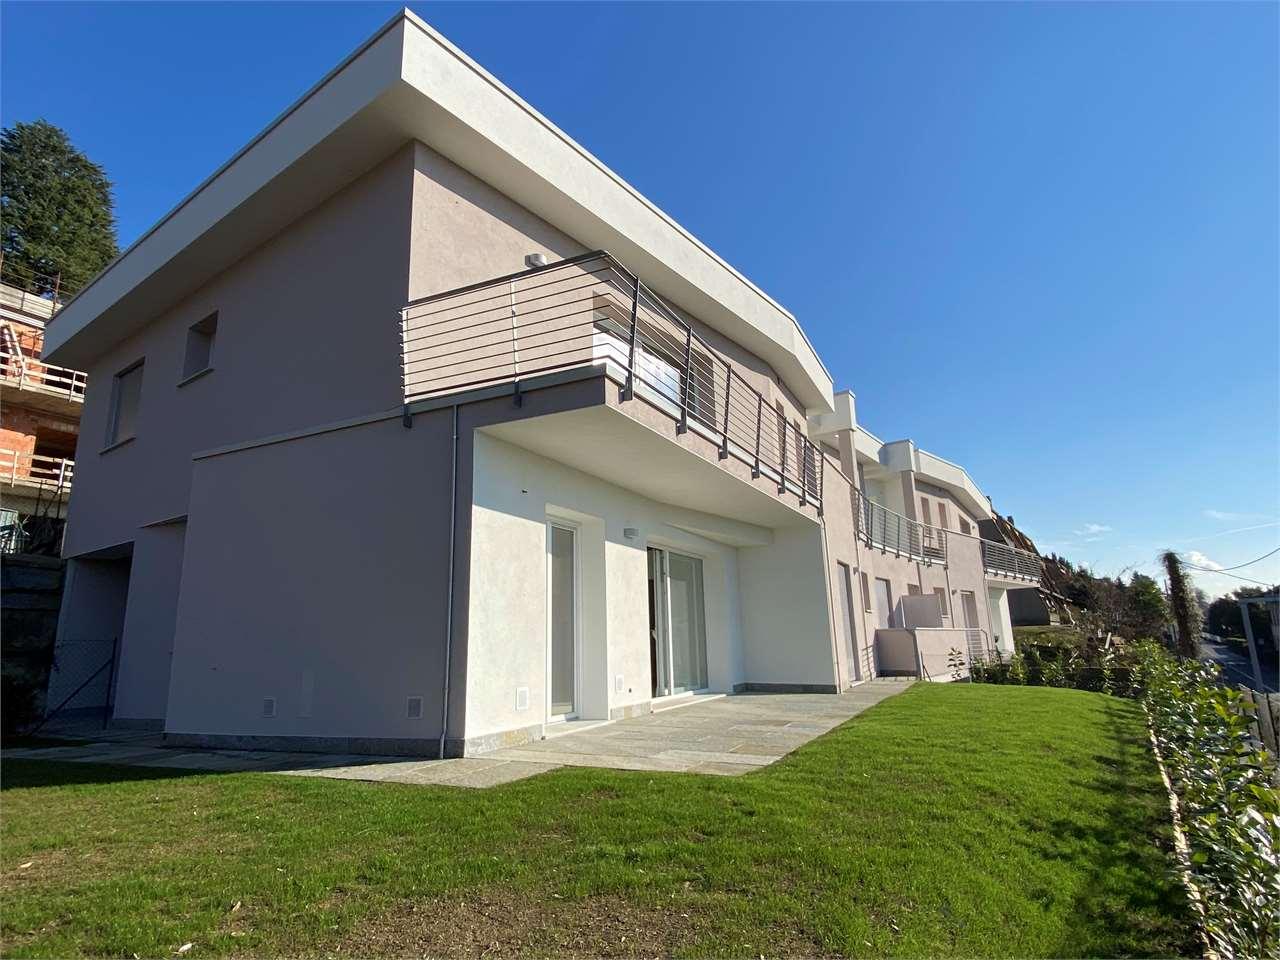 Appartamento in vendita a Besozzo, 3 locali, zona ana, prezzo € 255.000 | PortaleAgenzieImmobiliari.it